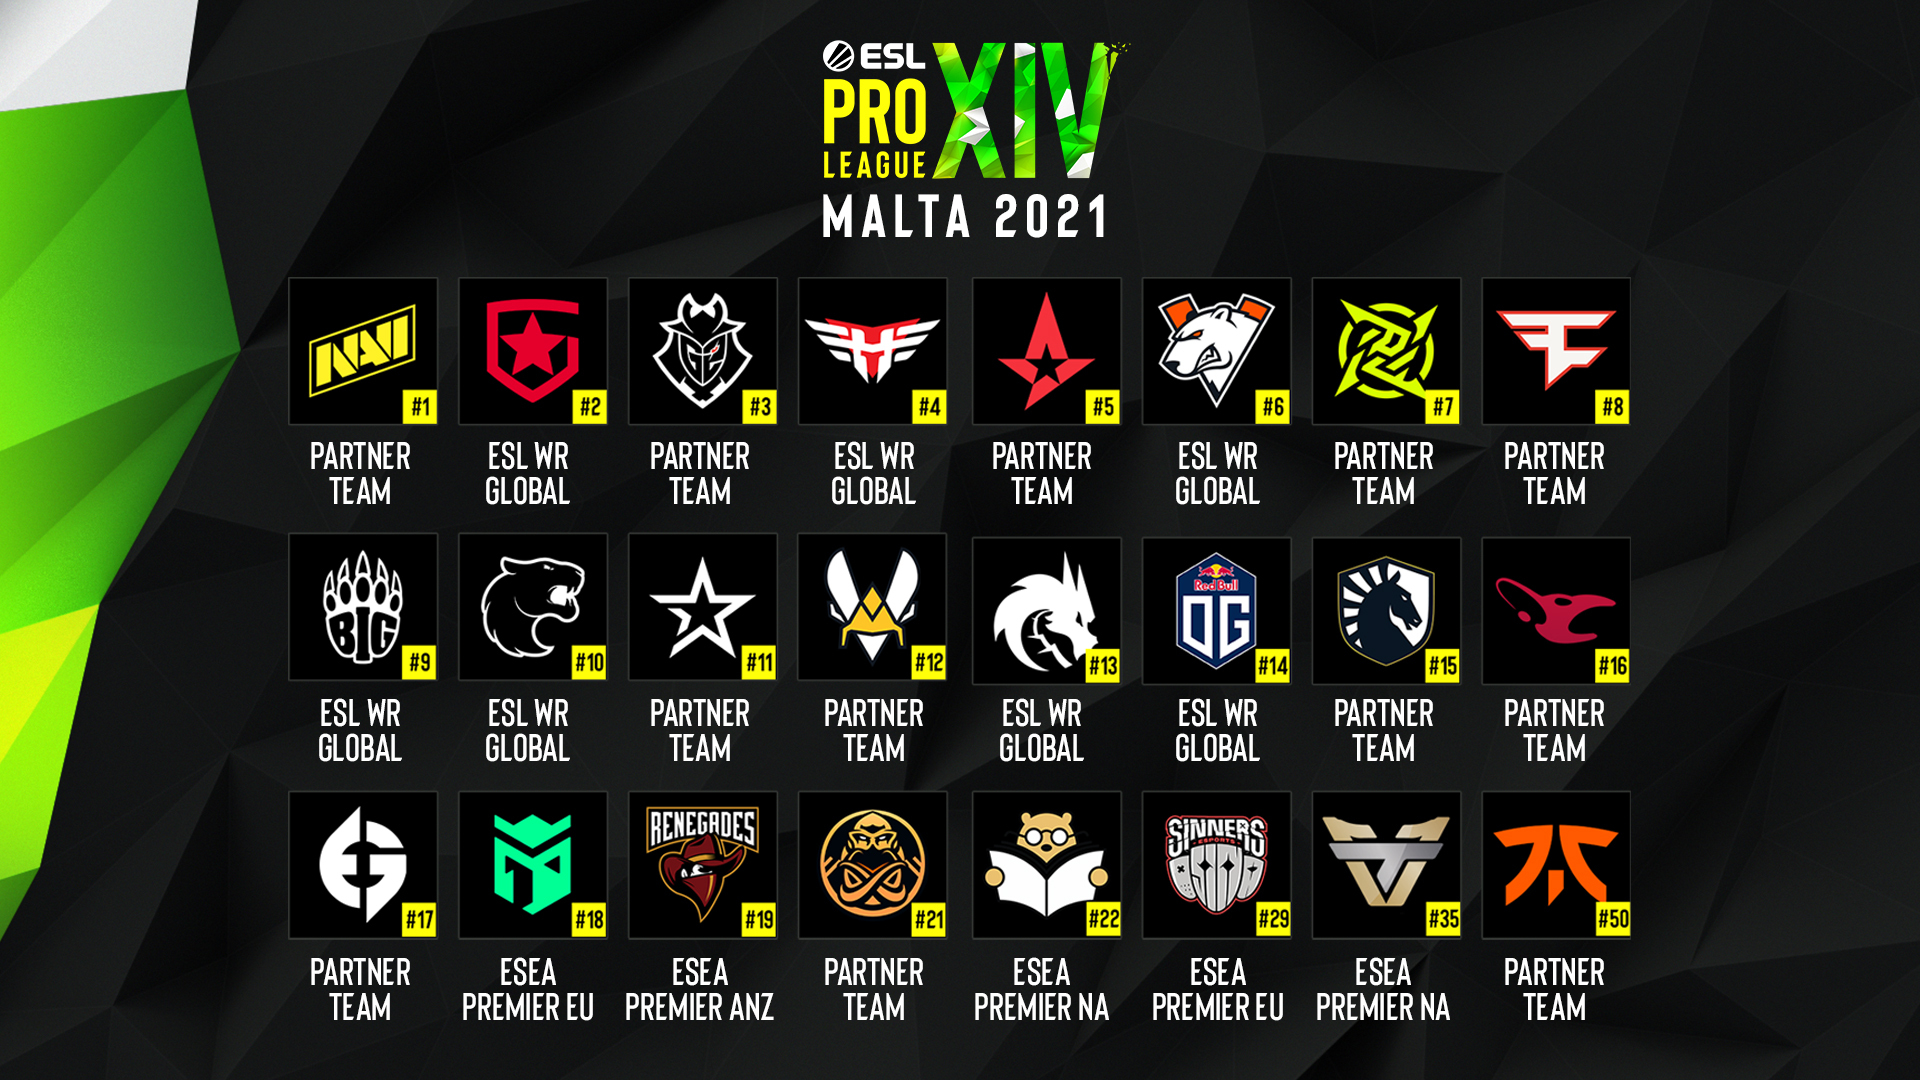 ESL Pro League sezon 14